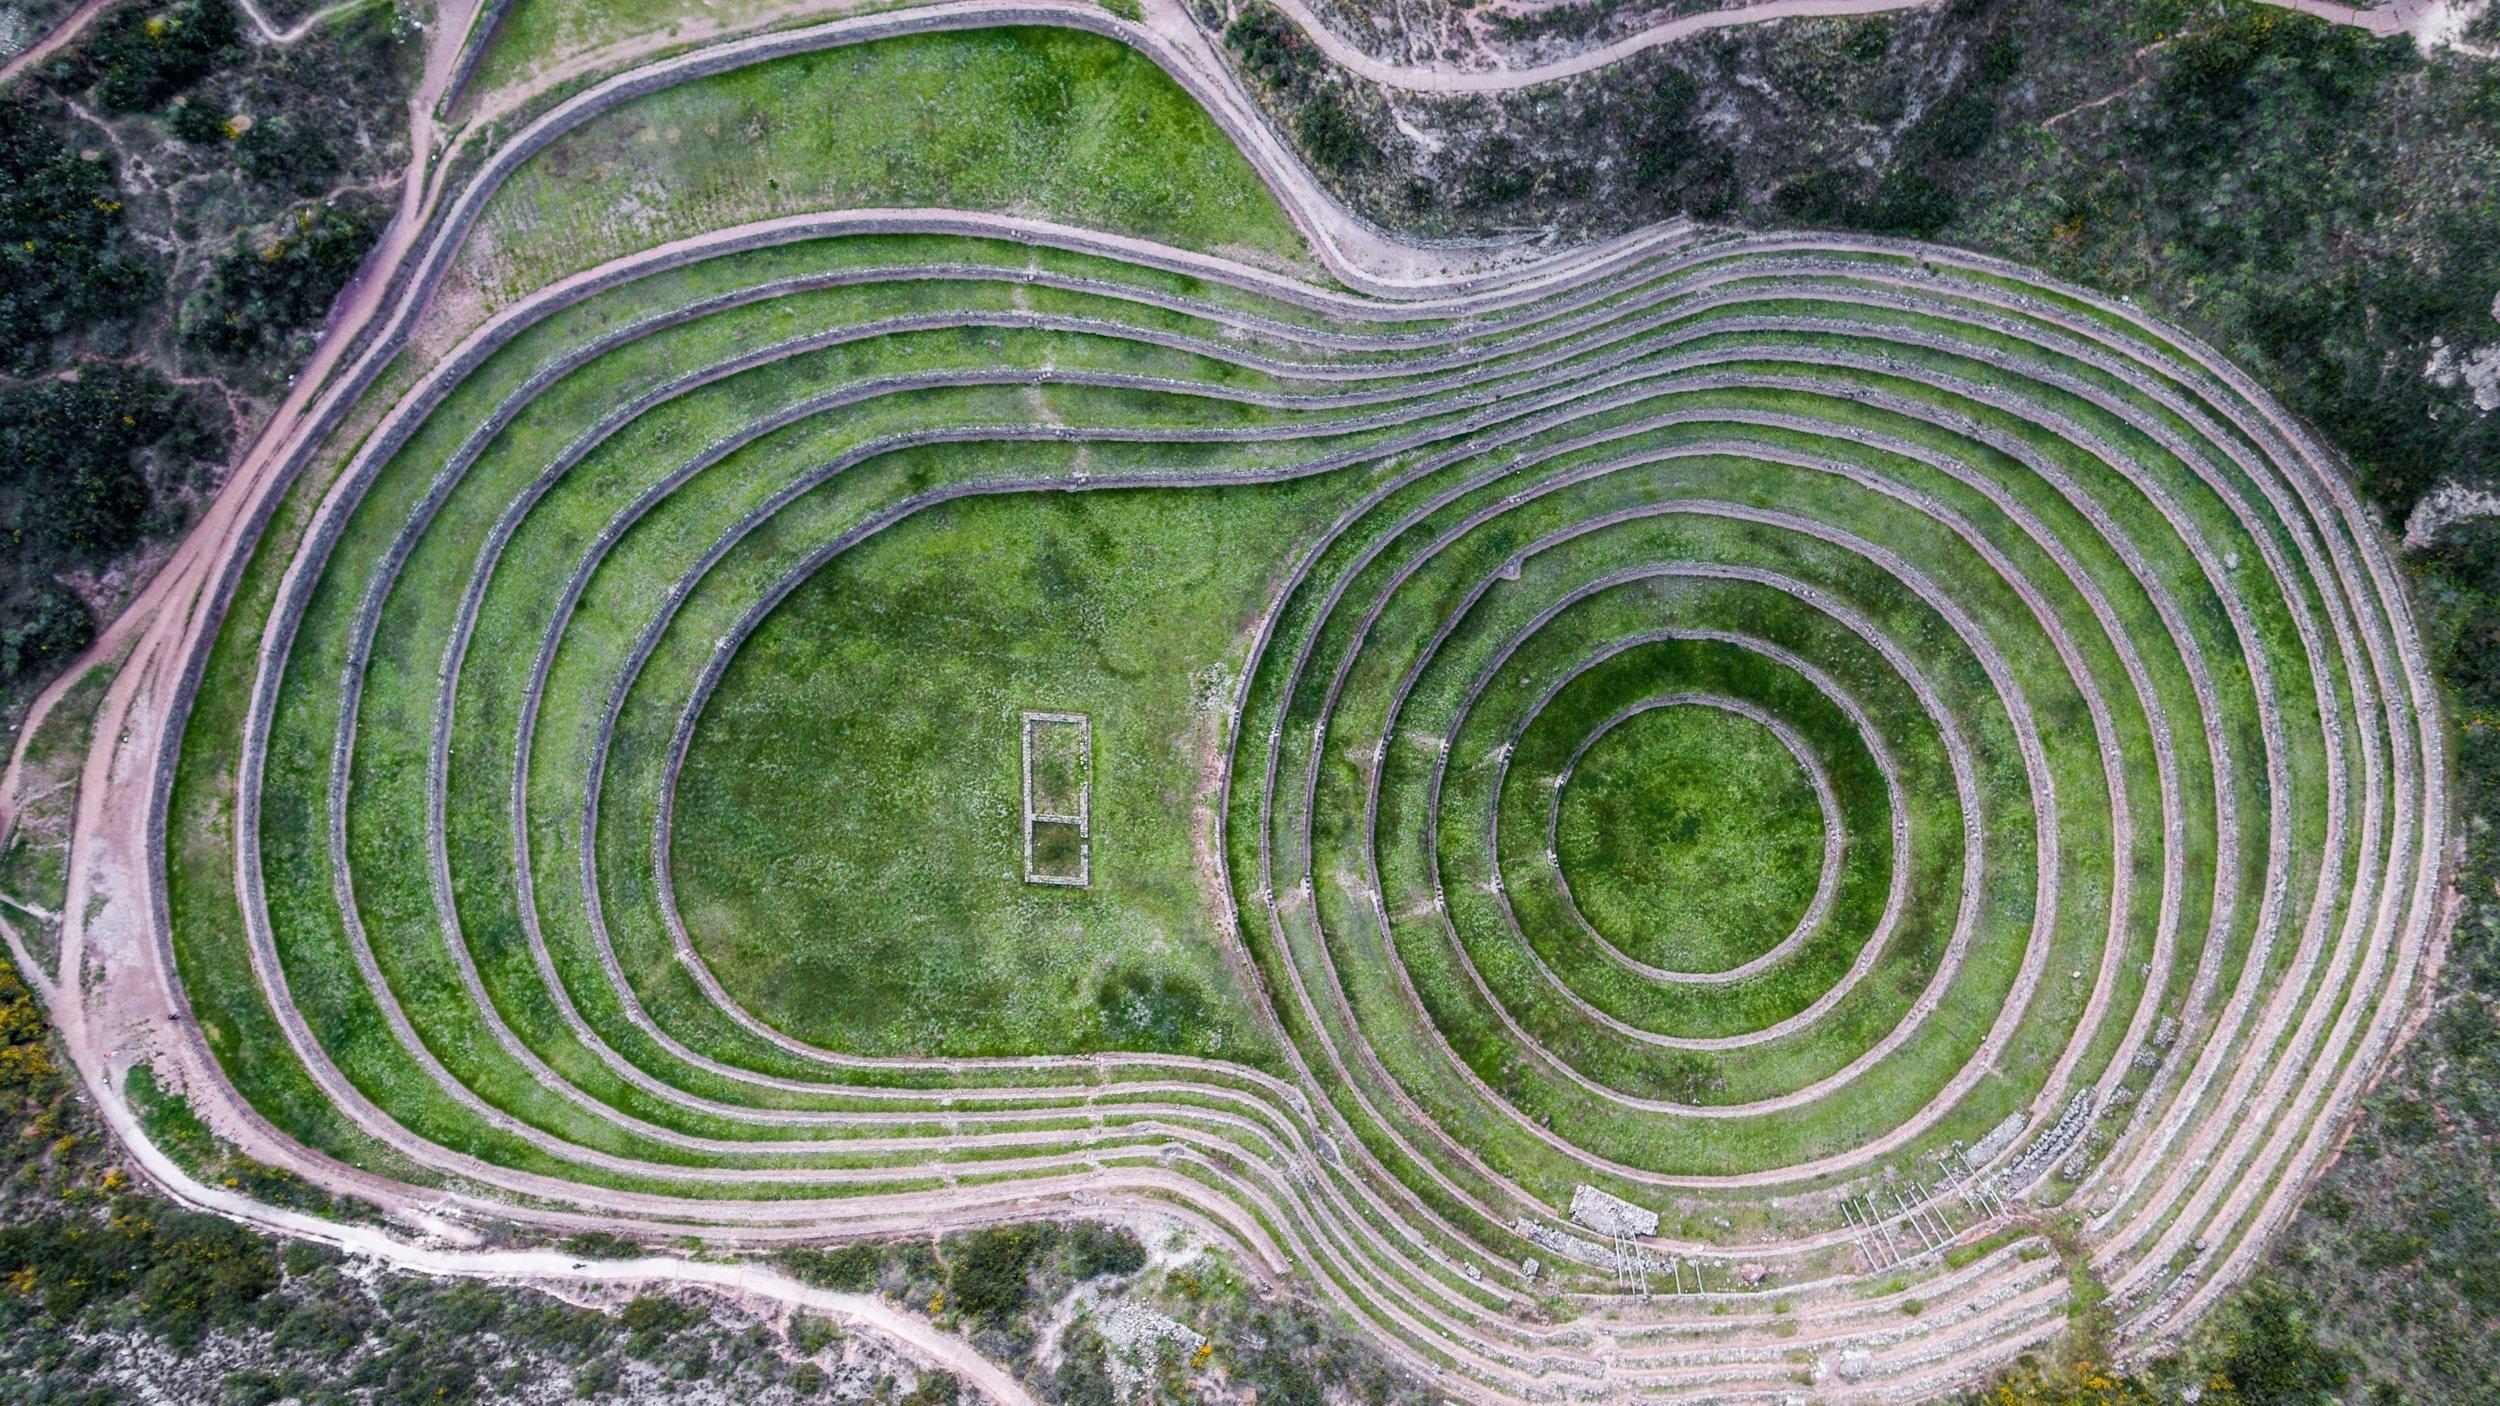 moray-inca-laboratory-inca-ruins-footage-090433722_prevstill-1.jpeg